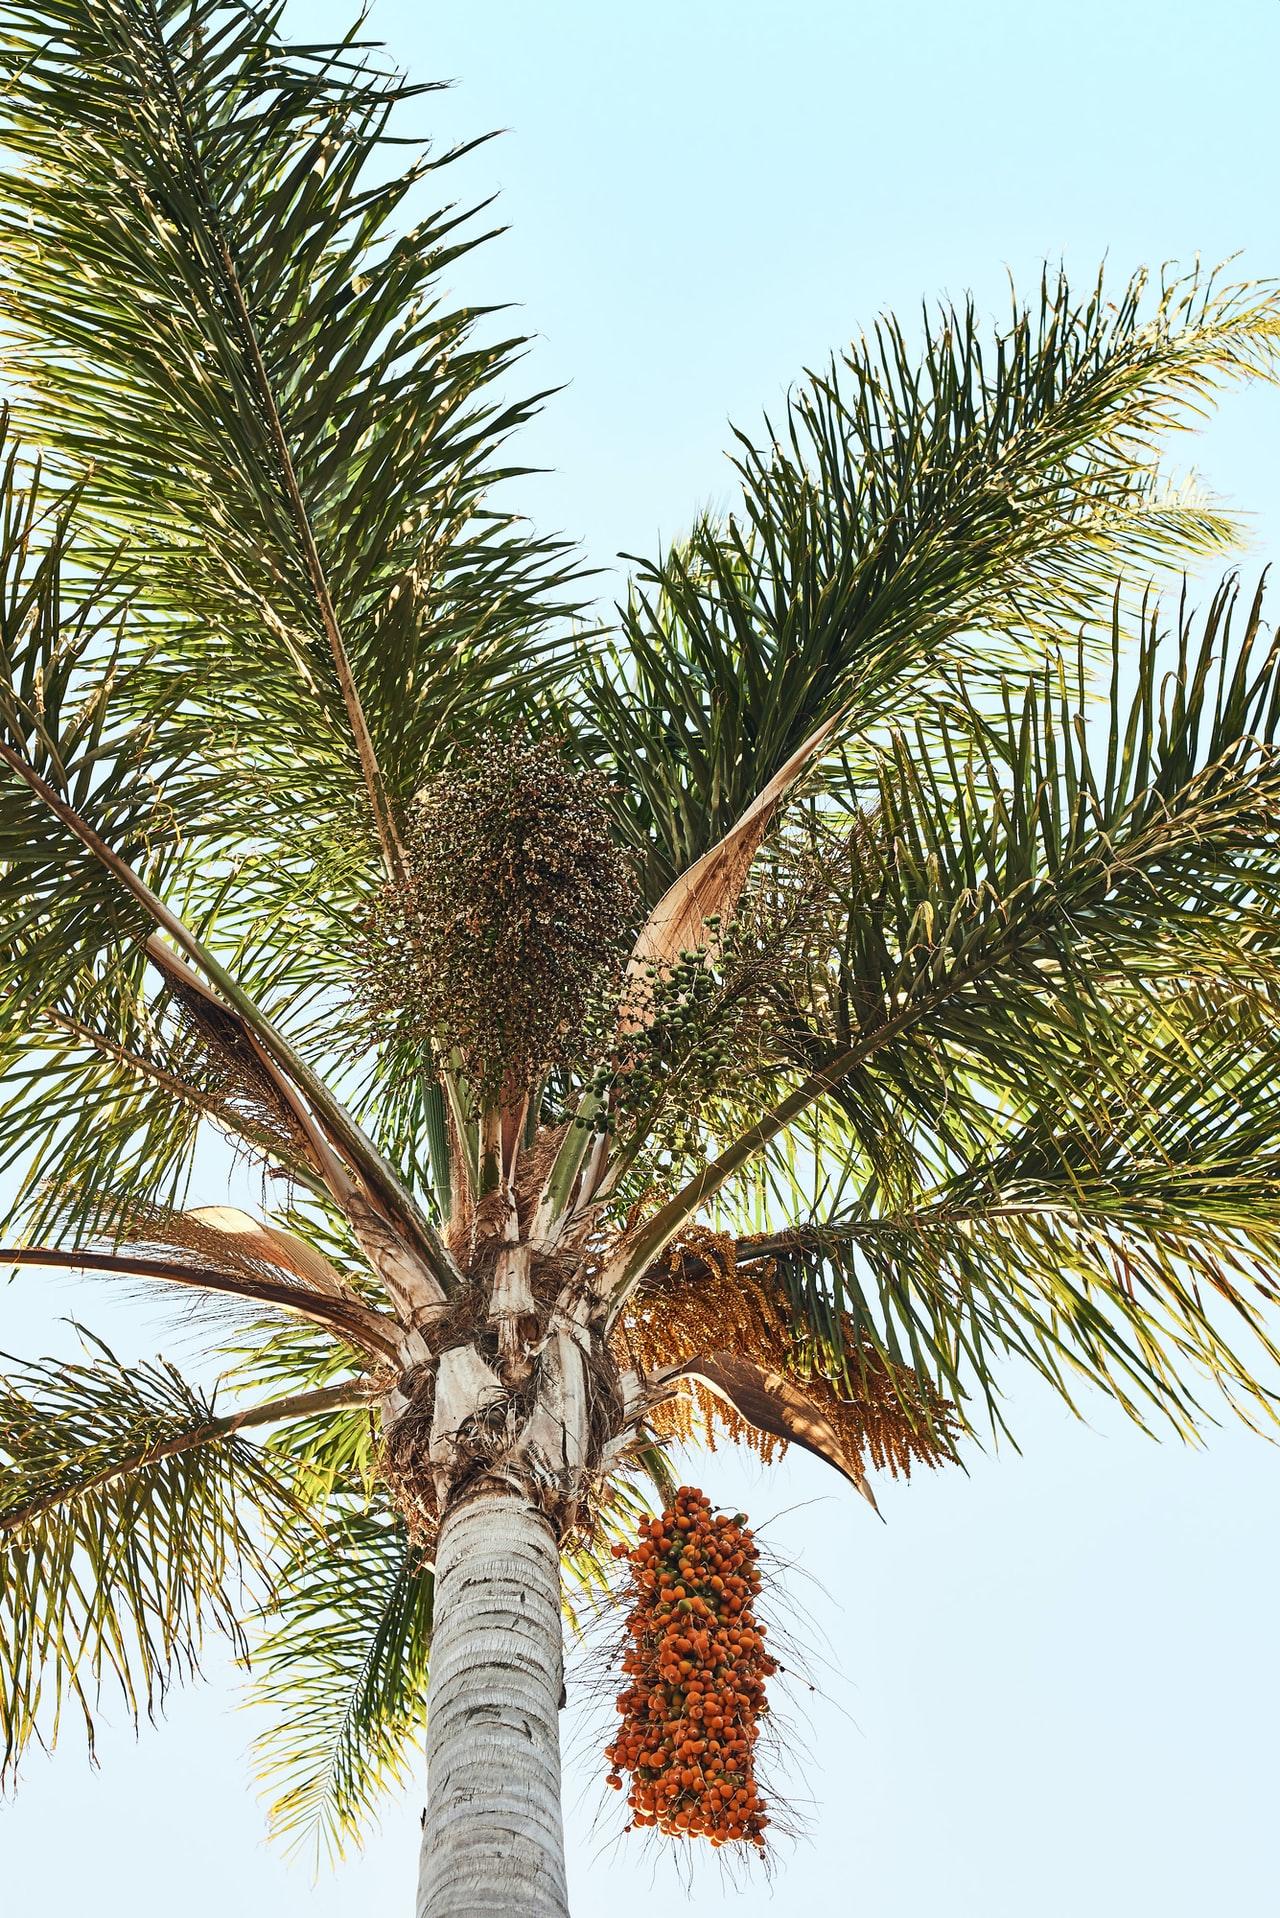 hurma ağacı